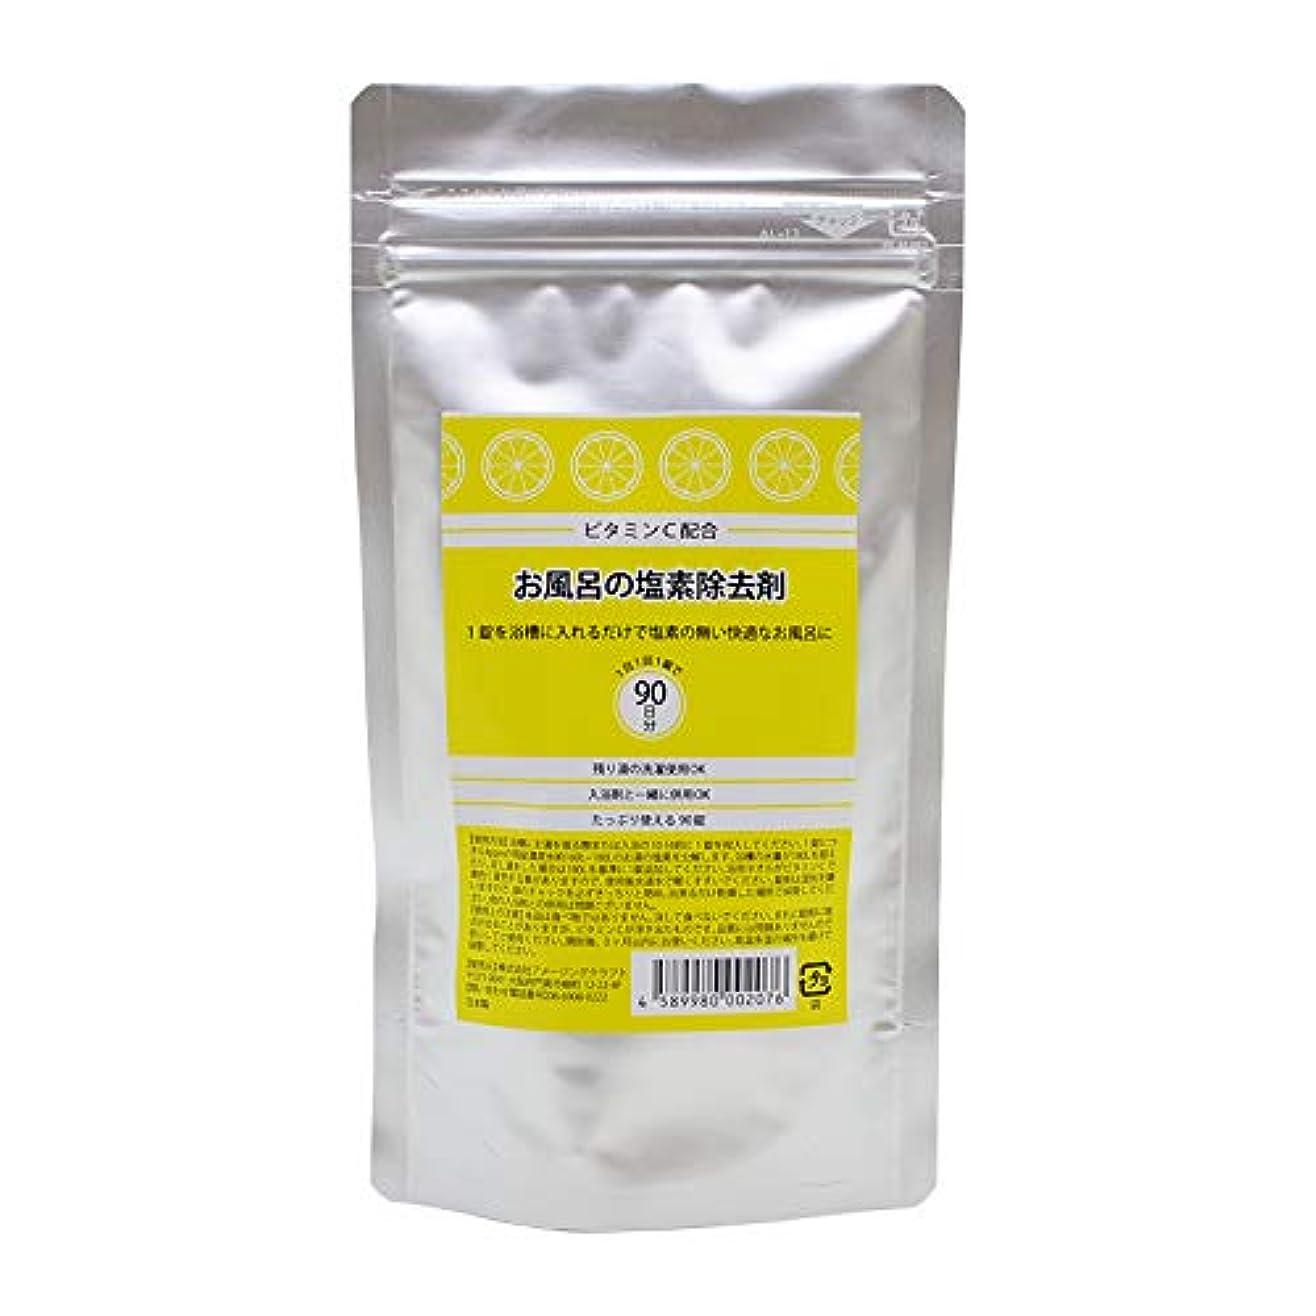 プロポーショナル出費場合ビタミンC配合 お風呂の塩素除去剤 錠剤タイプ 90錠 浴槽用脱塩素剤